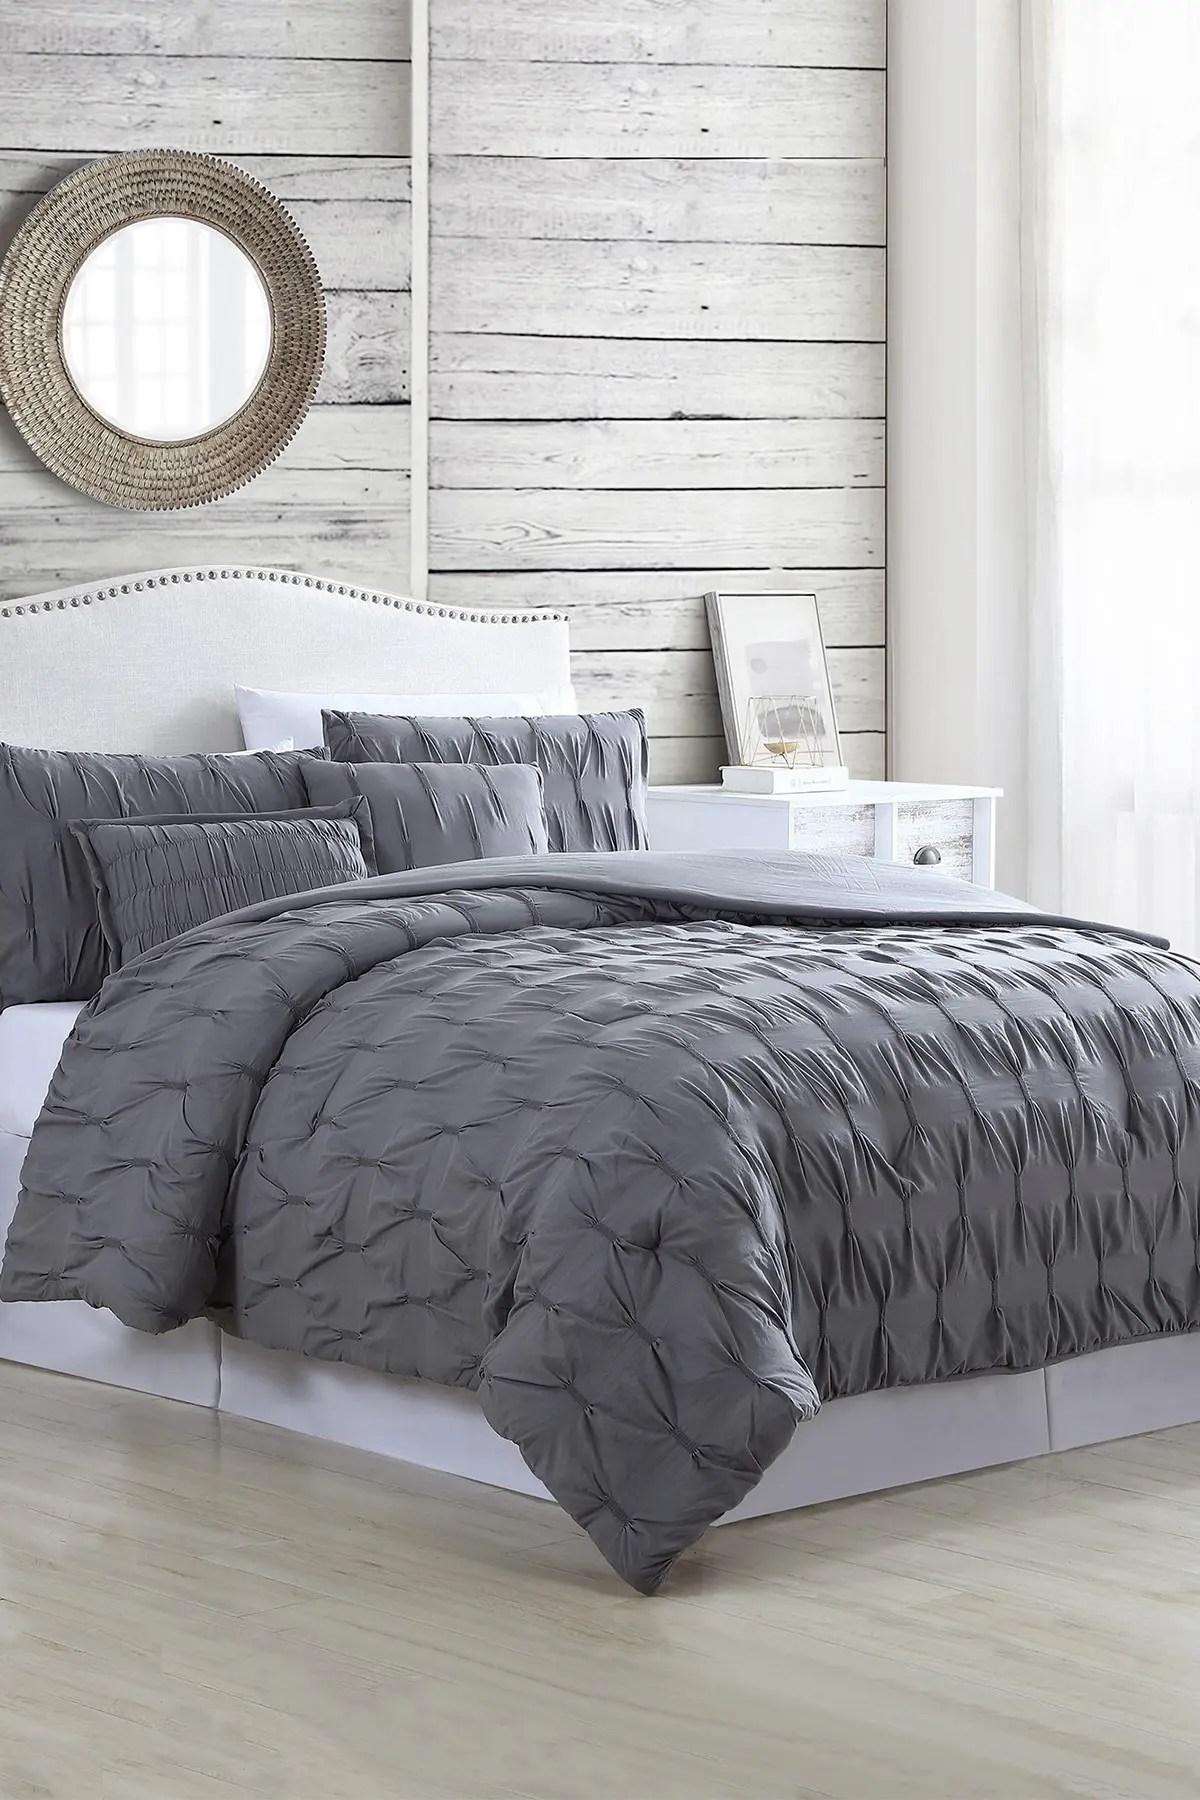 5 piece textured comforter set